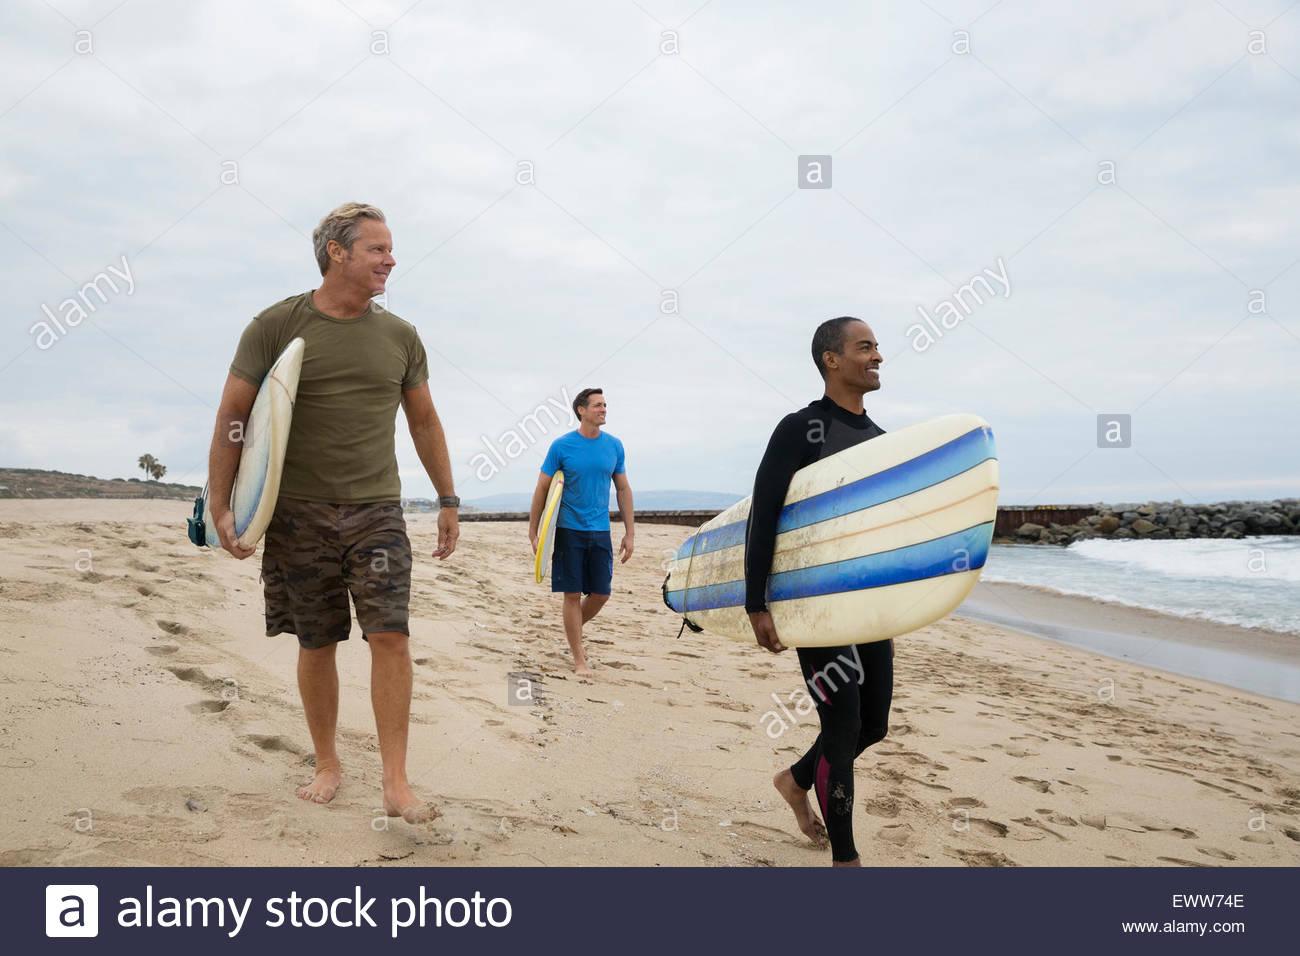 Les hommes avec des planches de walking on beach Photo Stock